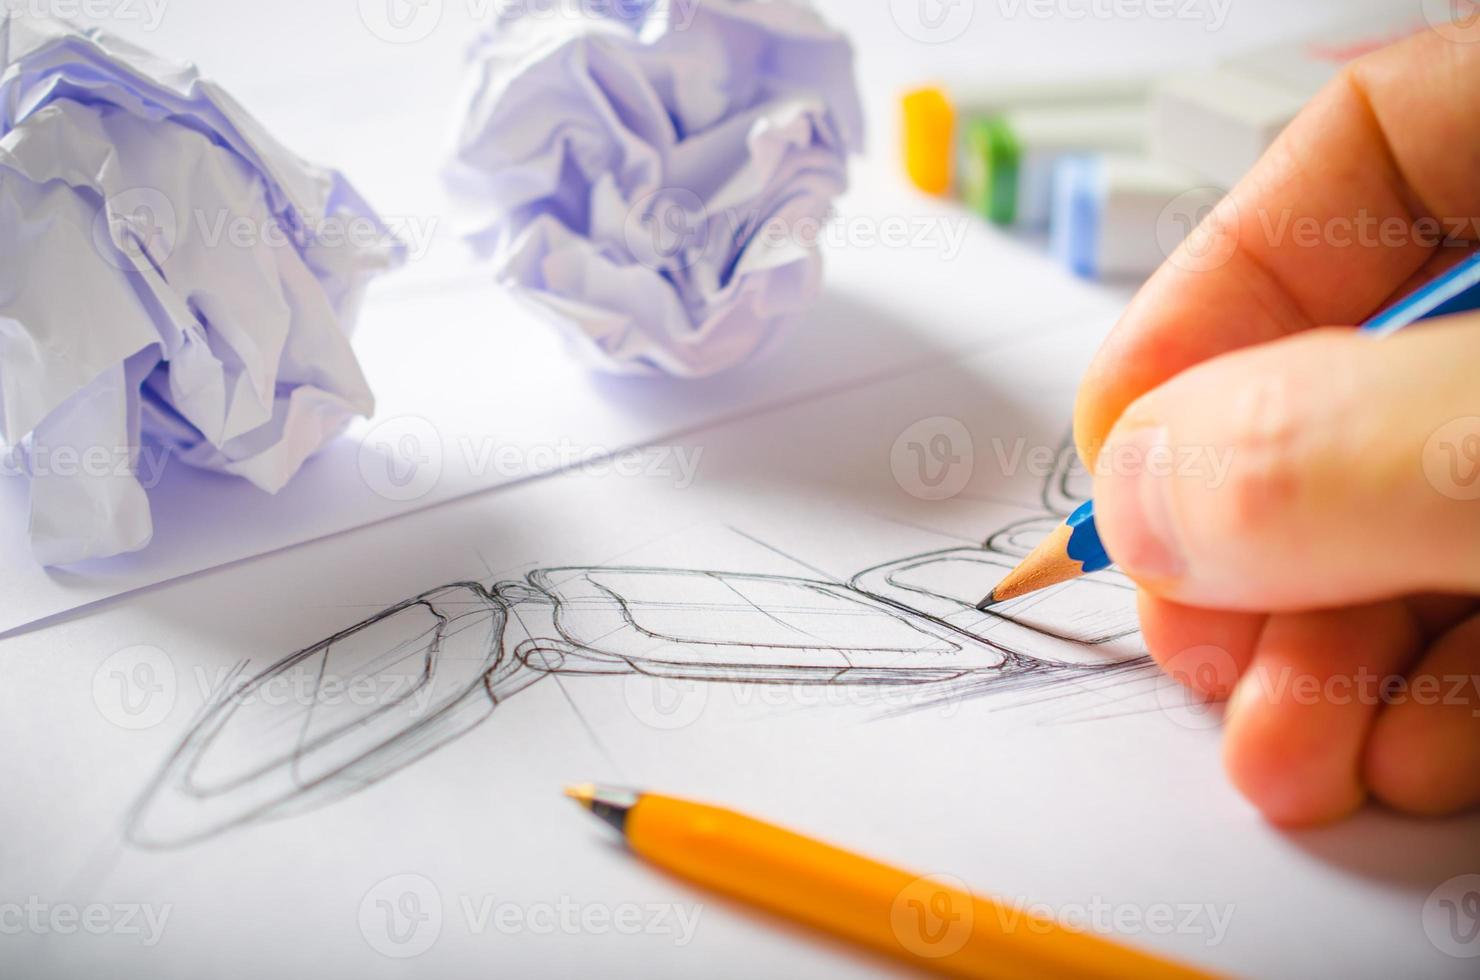 disegno del progettista foto